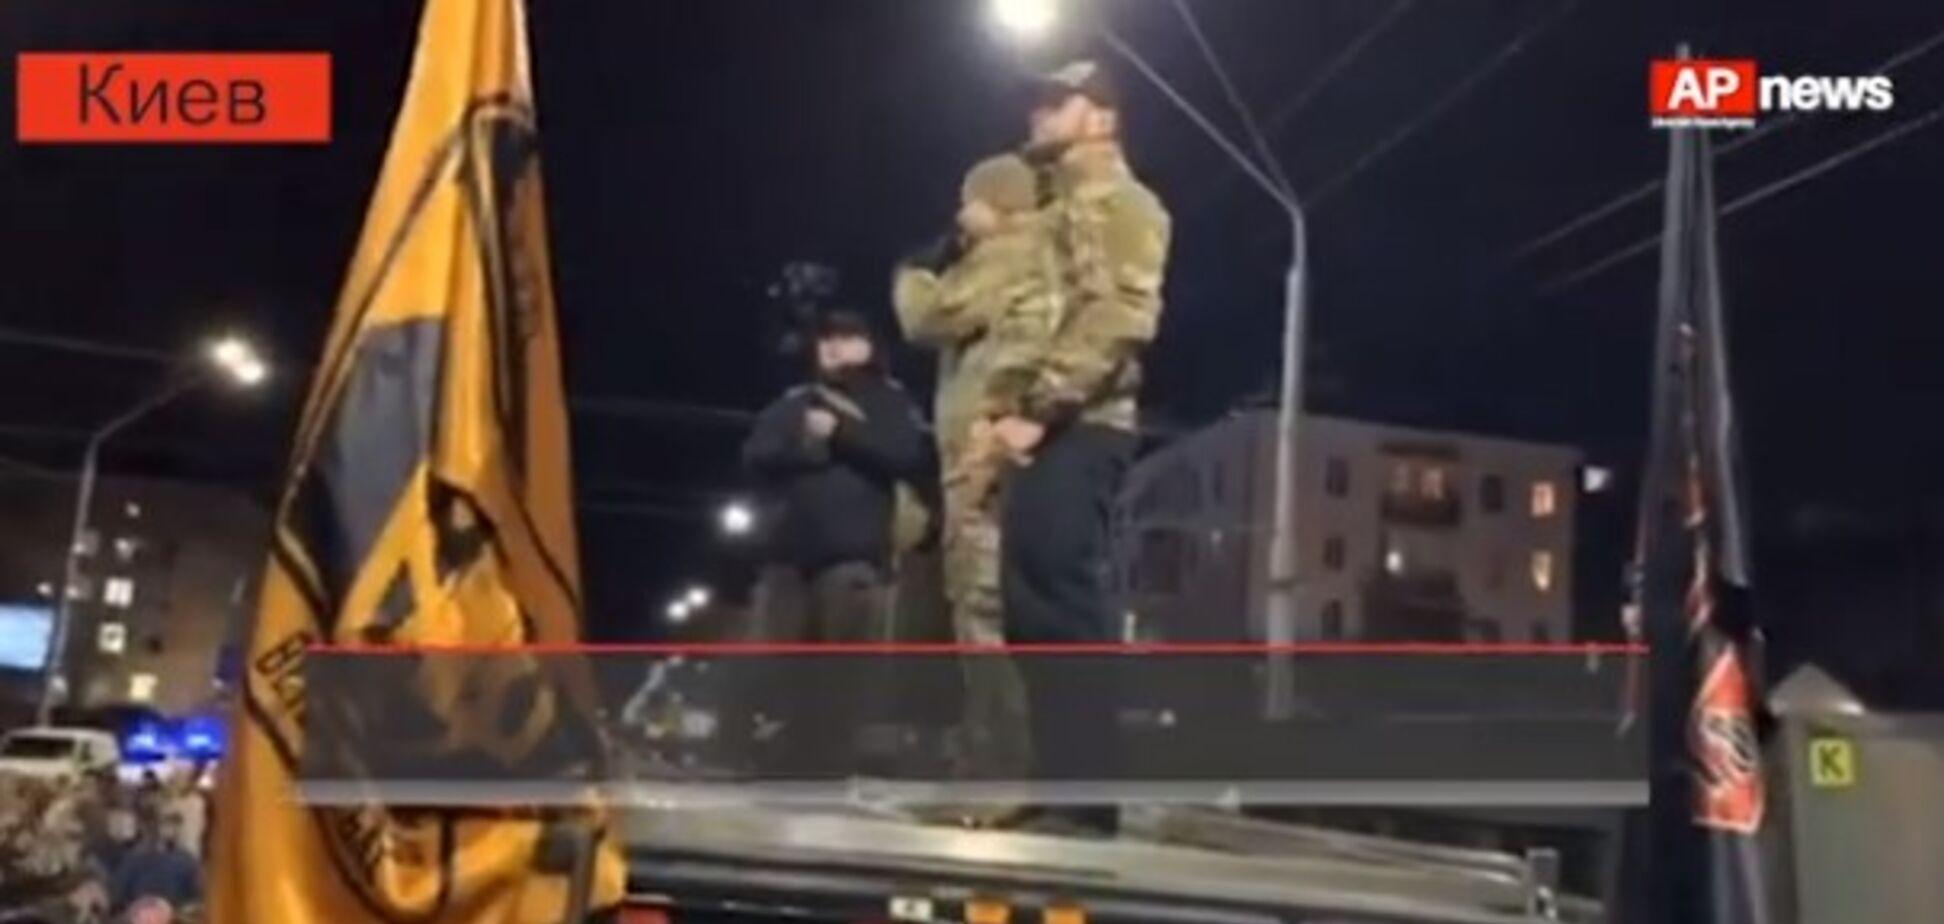 'Кубань – это Украина!' Лидер 'Национального корпуса' Билецкий бросил вызов Путину. Видео